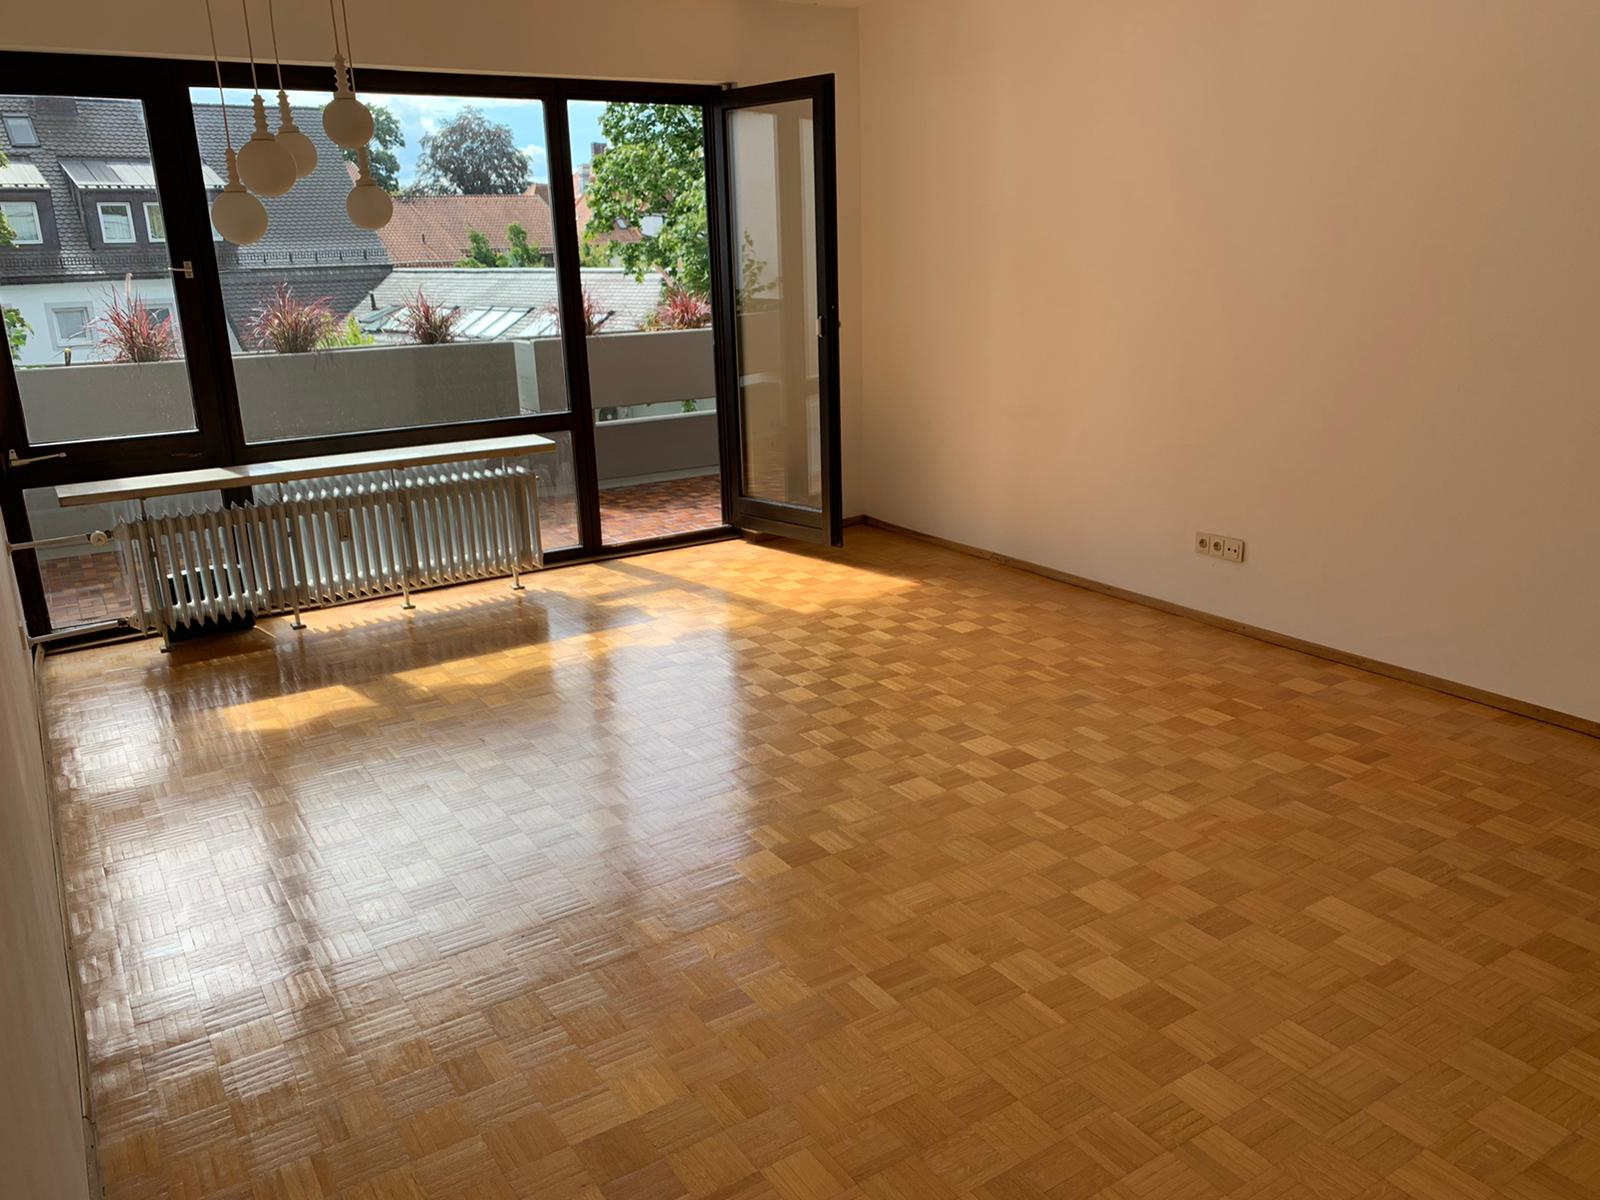 Wohnen im Herzen von Grünwald 3-Zimmer-DG-Wohnung in bester Ortskernlage